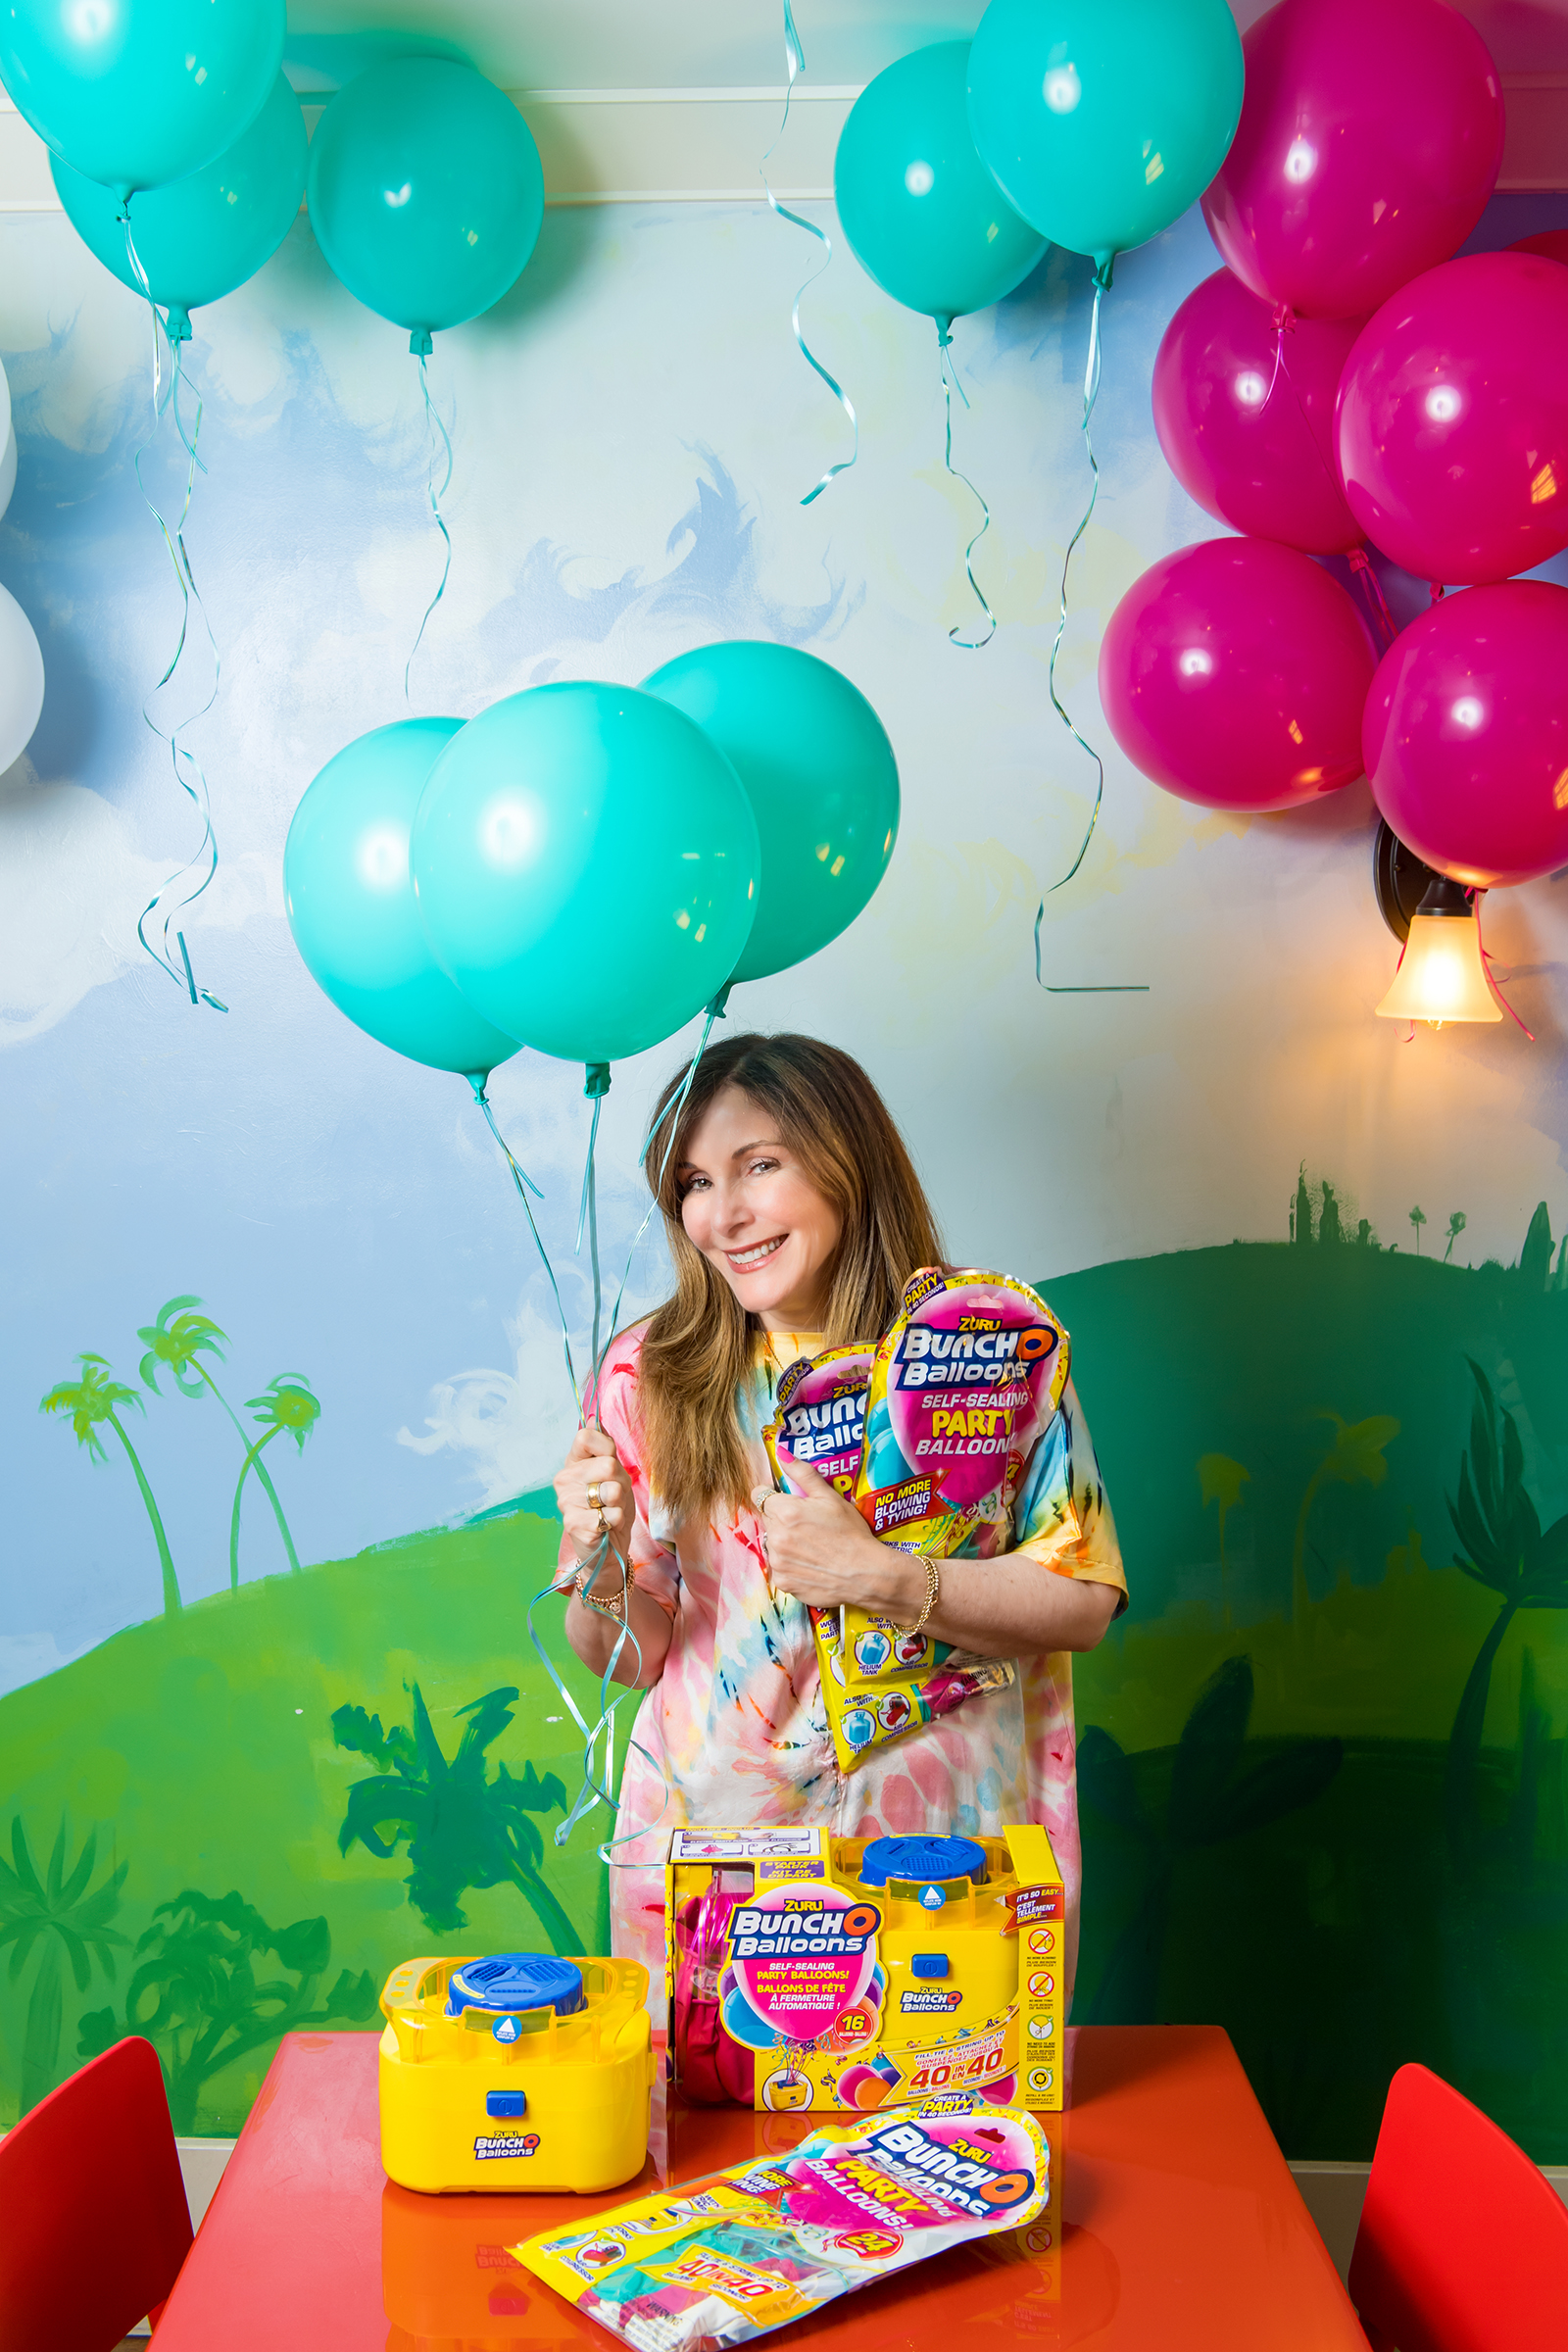 Bunch-o-Balloons-Party